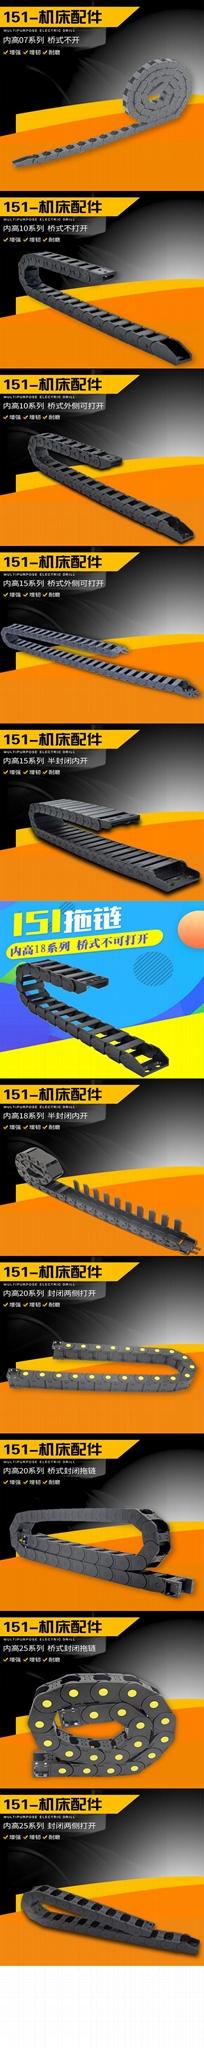 機床尼龍拖鏈工程坦克鏈穿線槽電纜保護鏈 2